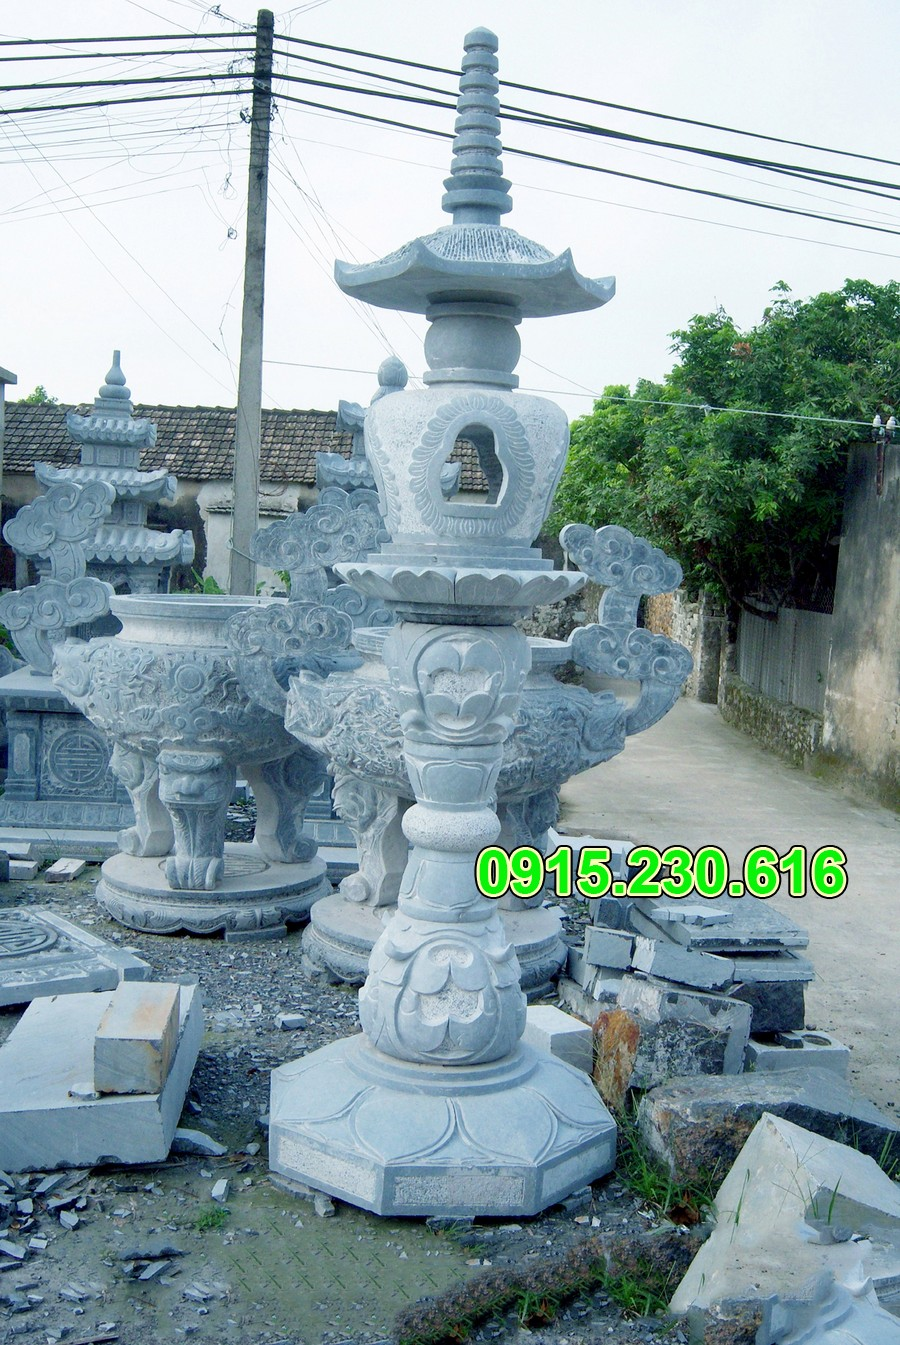 Mẫu đèn đá tự nhiên đẹp nhất Việt Nam